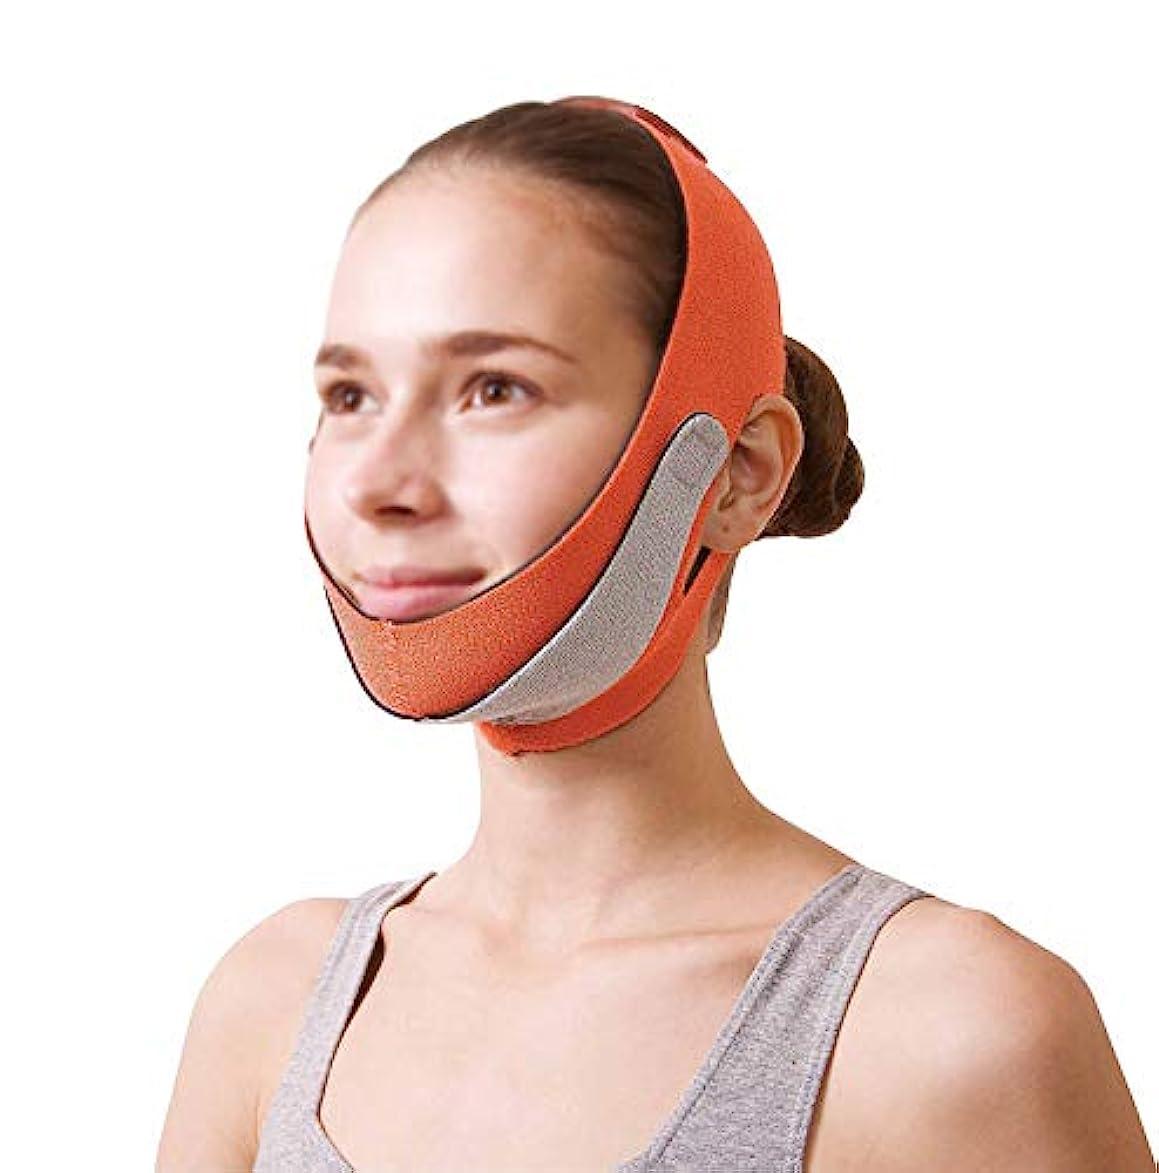 TLMY 薄いフェイスマスクあごストラップ回復パッチ包帯ヘッドマスクフェイシャルマスクフェイシャルマスクアーティファクト美容フェイシャルとネックリフトオレンジマスク 顔用整形マスク